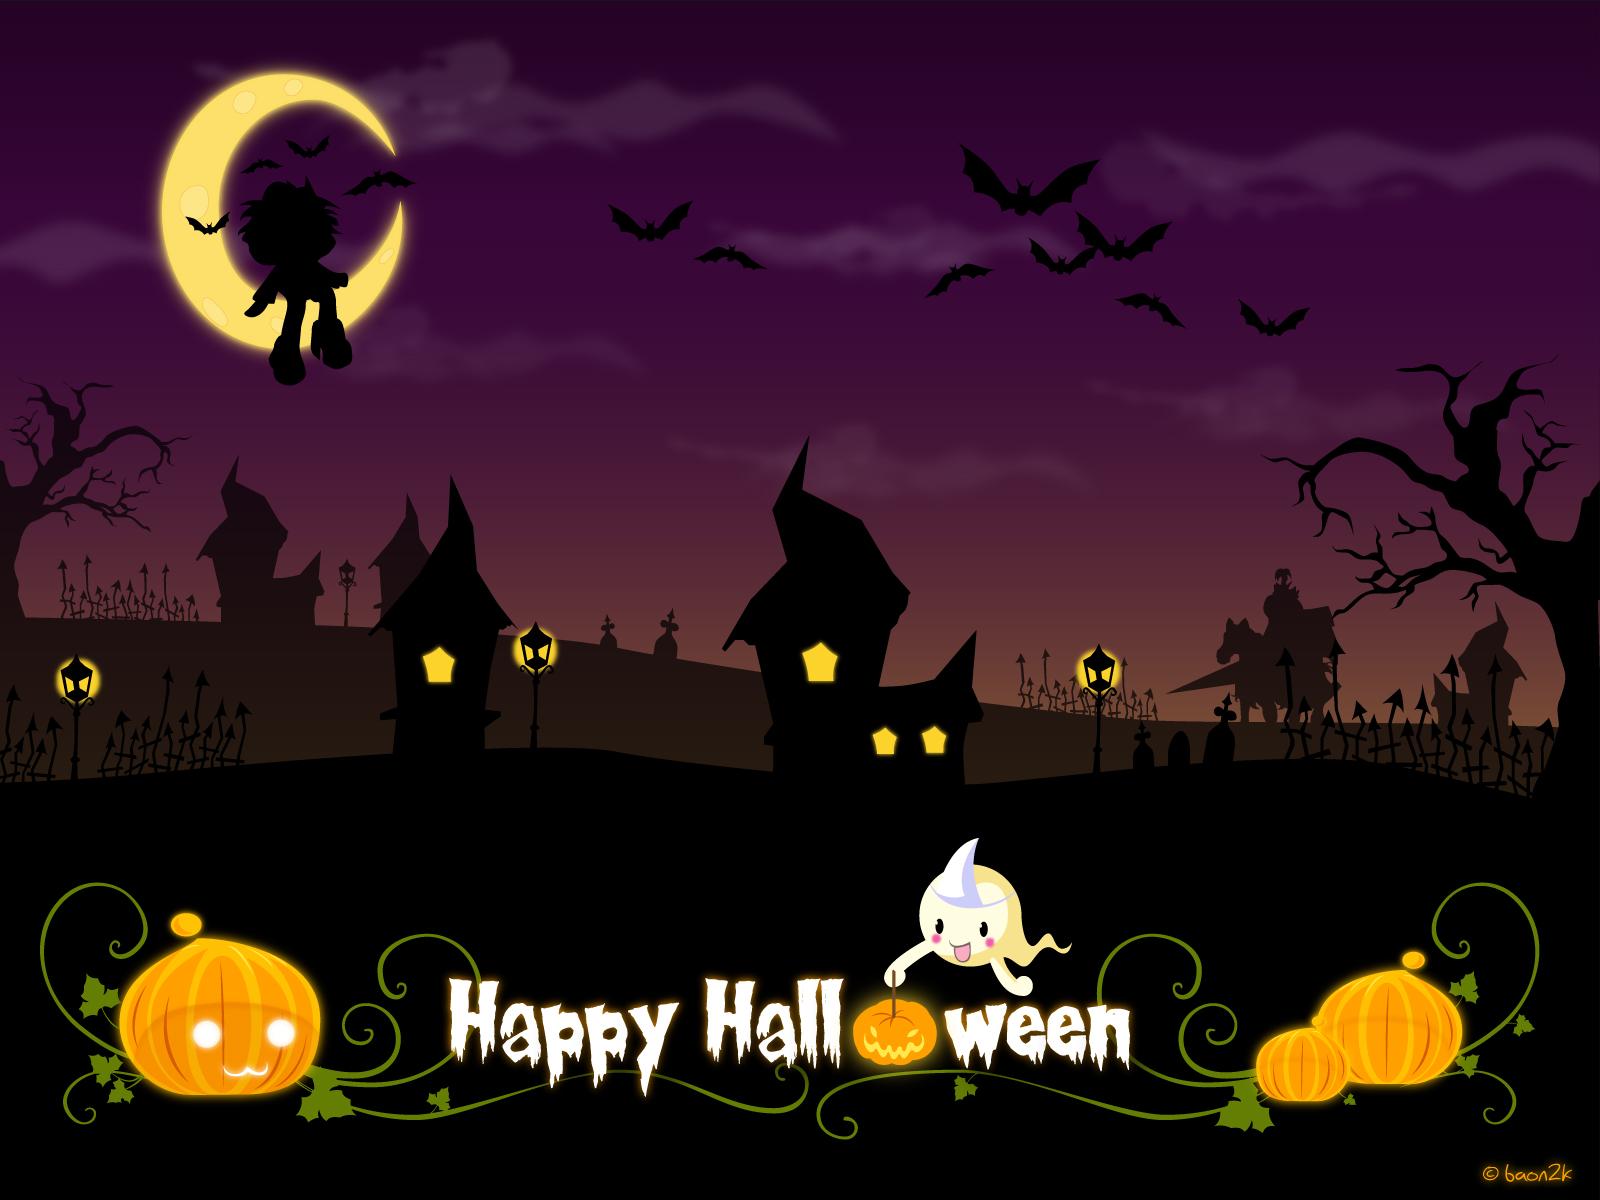 happy halloween background - photo #11